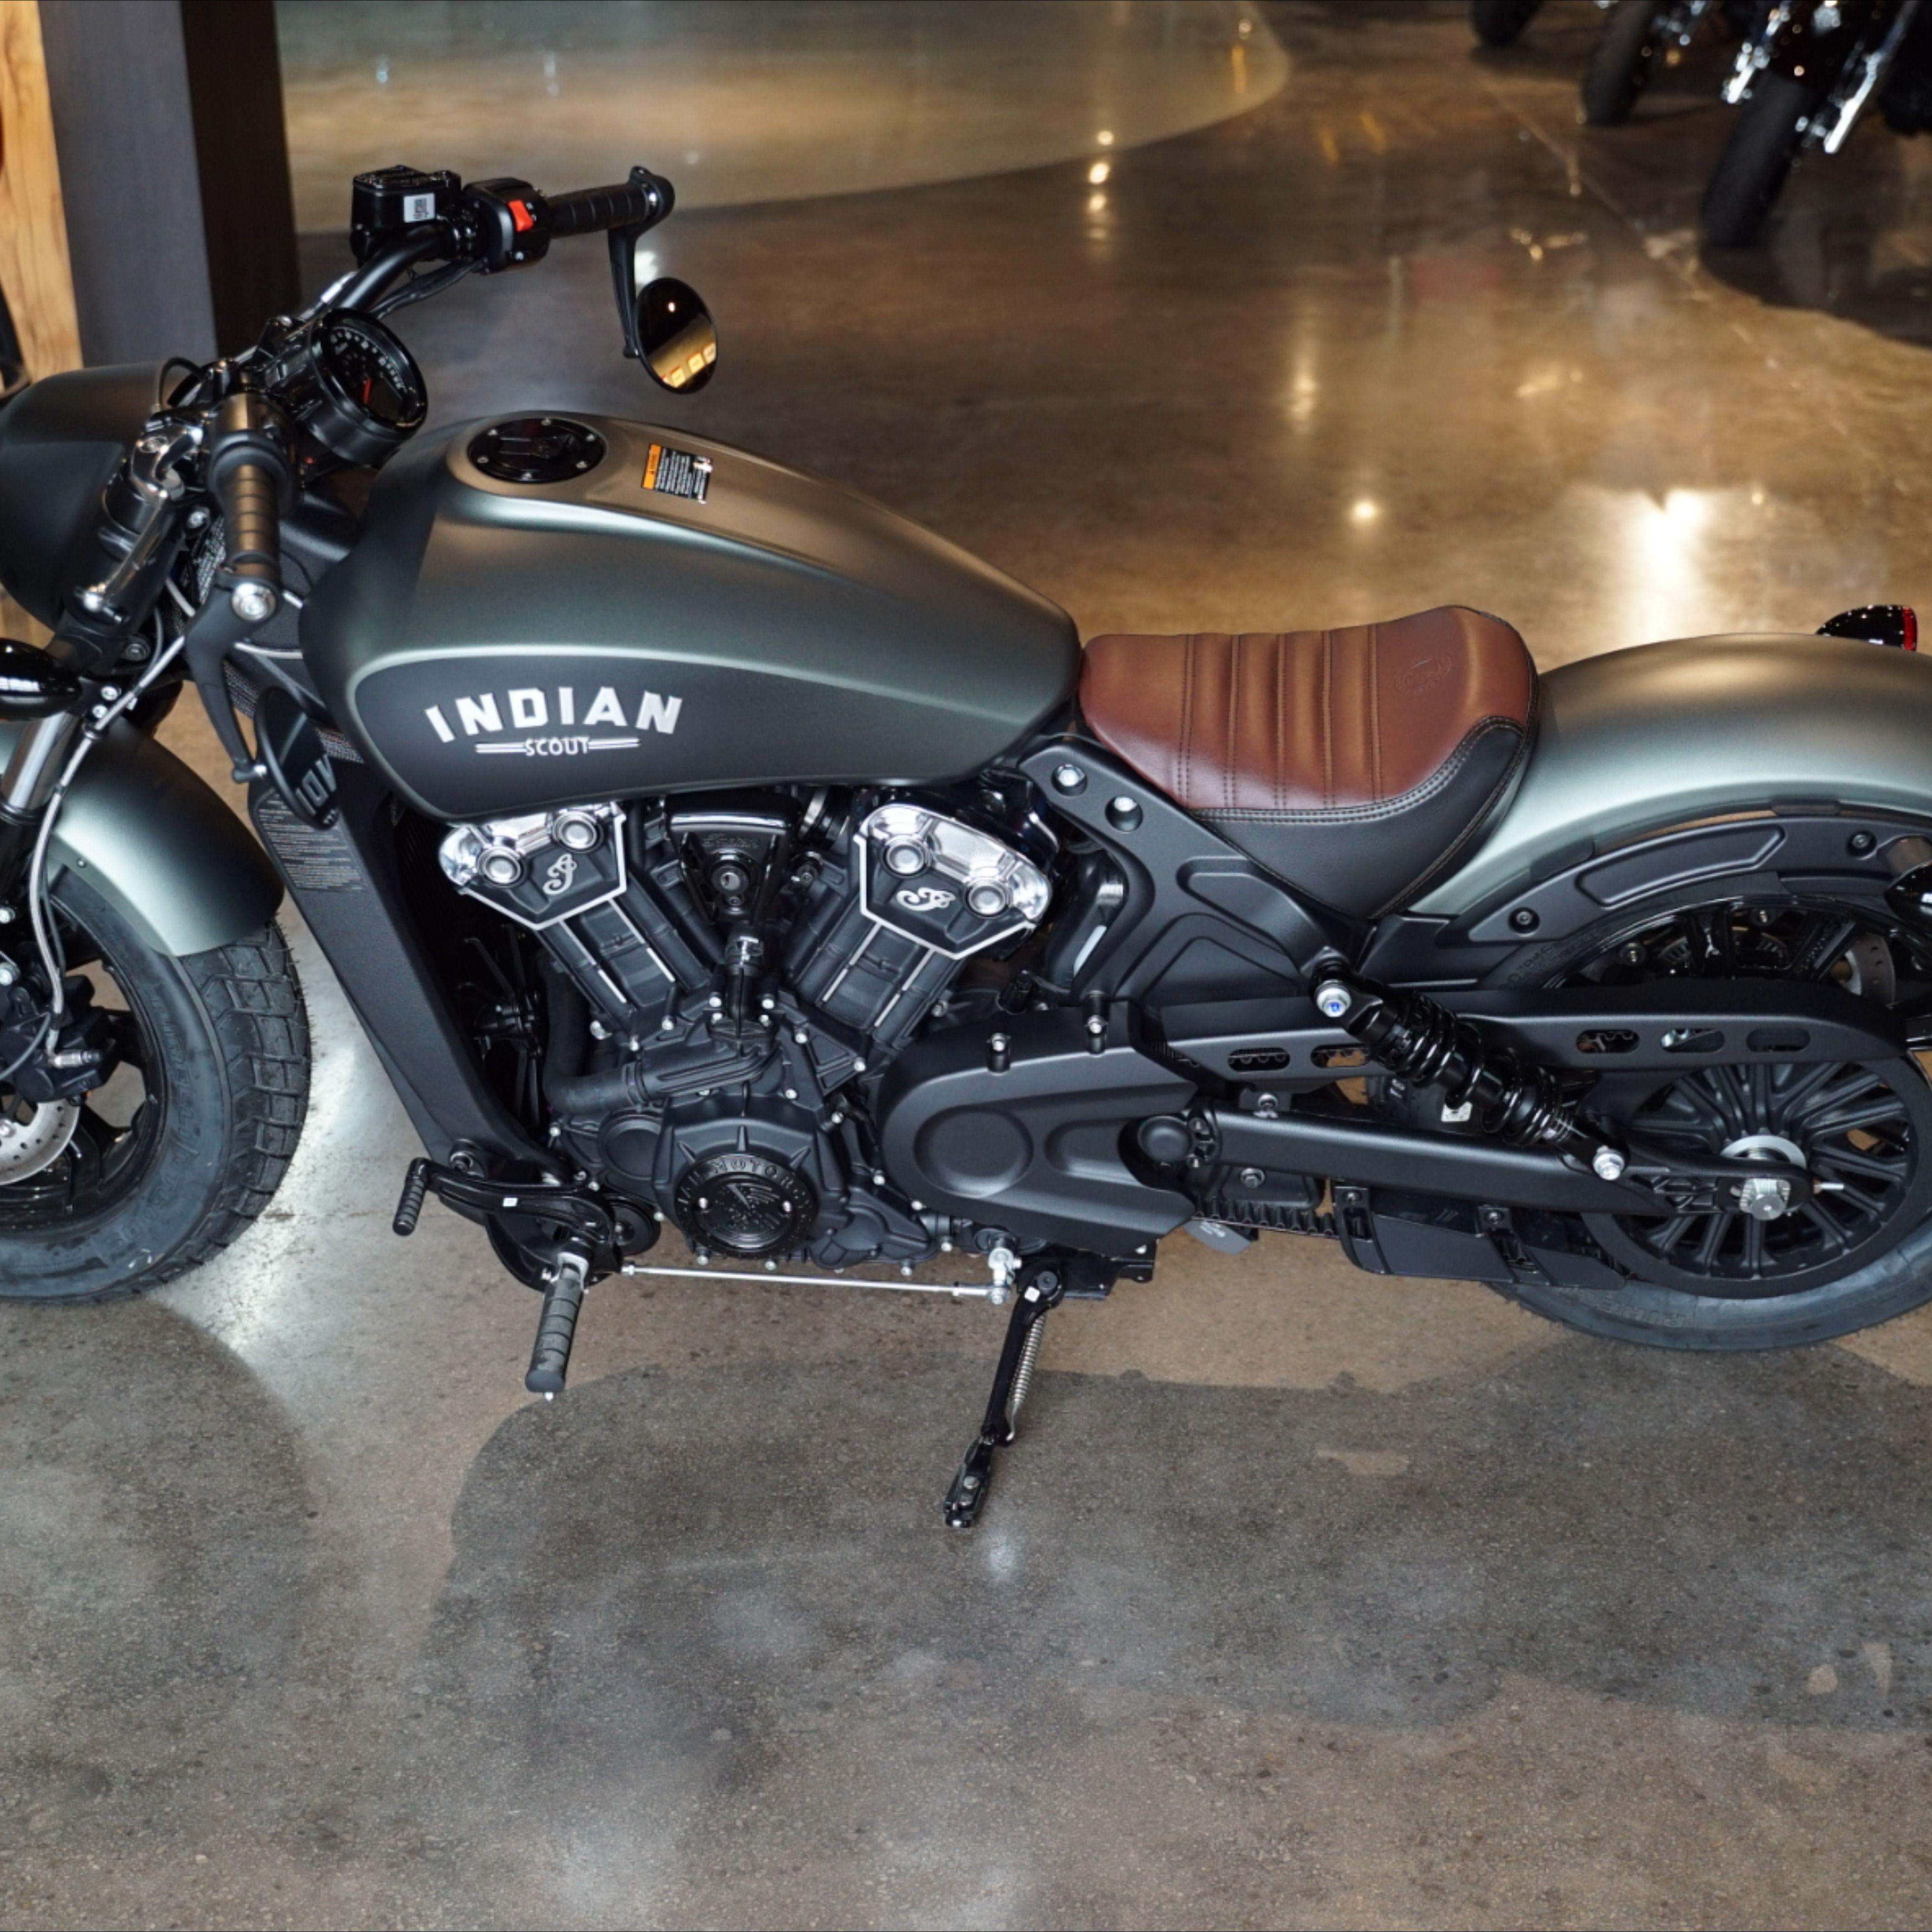 2021 Indian Scout Bobber In Alumina Jade Smoke Indian Motorcycle Indian Scout Bobber [ 4240 x 4240 Pixel ]